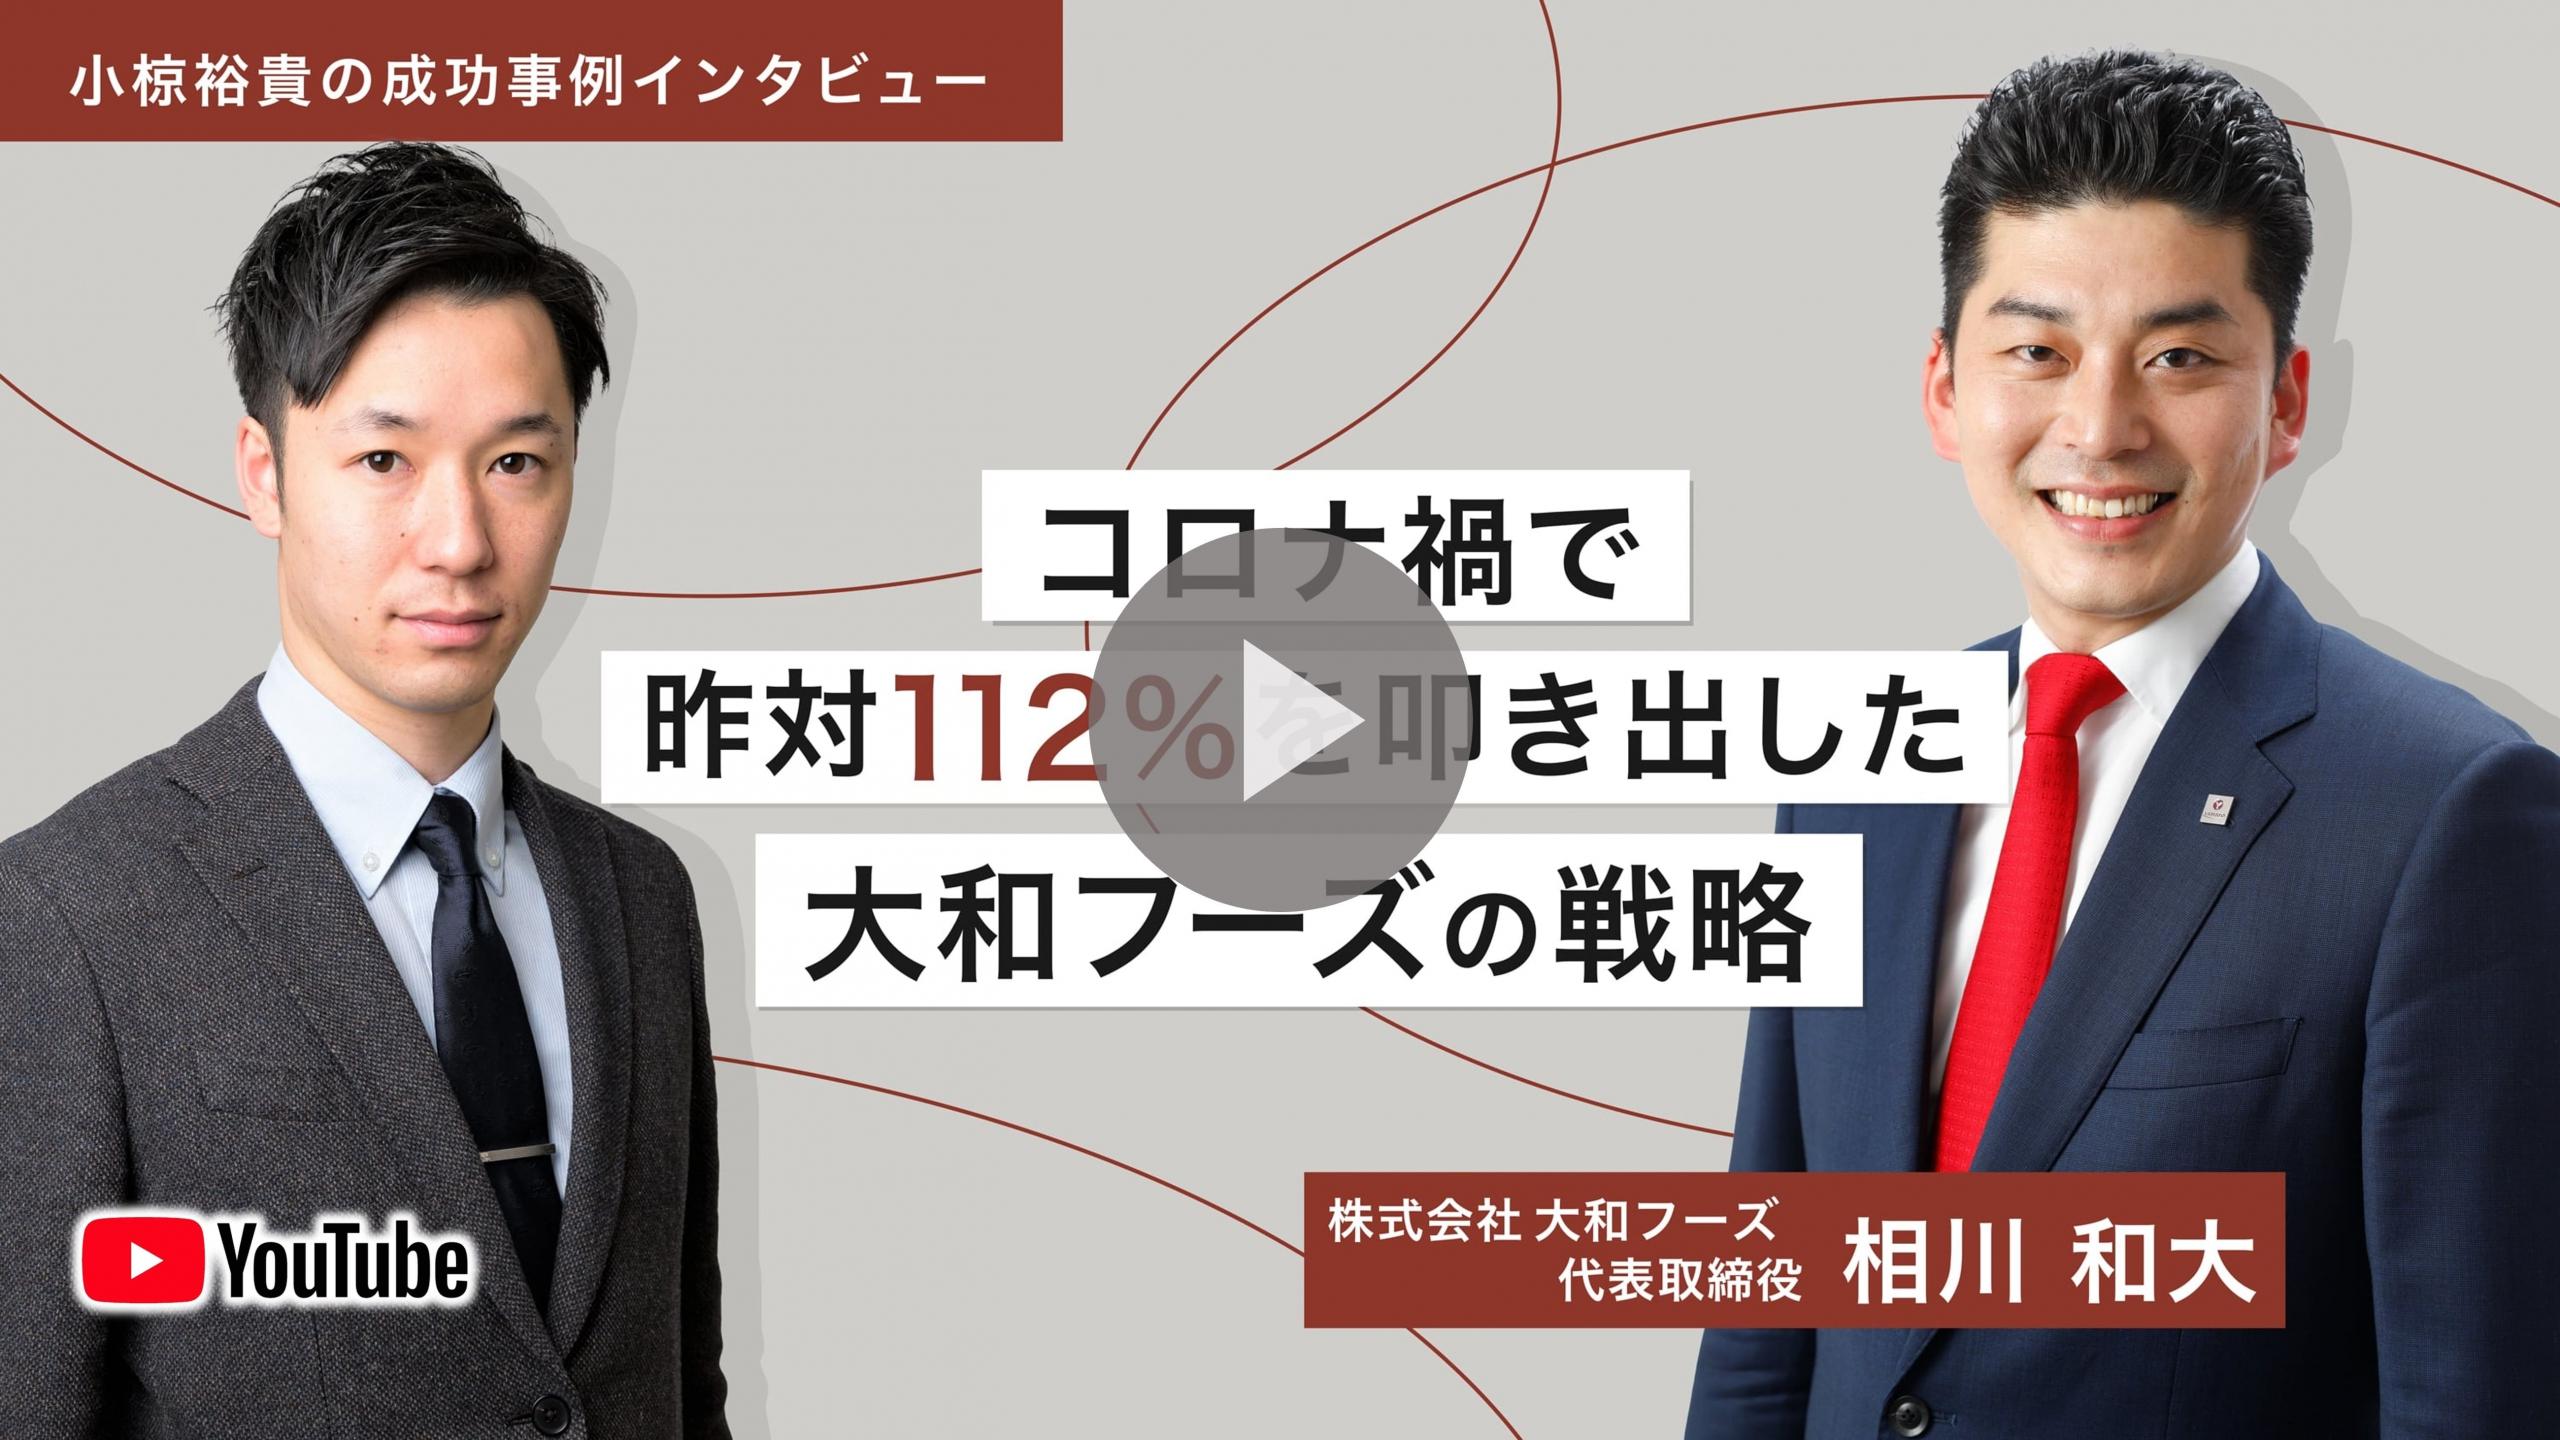 相川社長ダイジェストムービー「コロナ禍で昨対112%を叩き出した大和フーズの戦略」